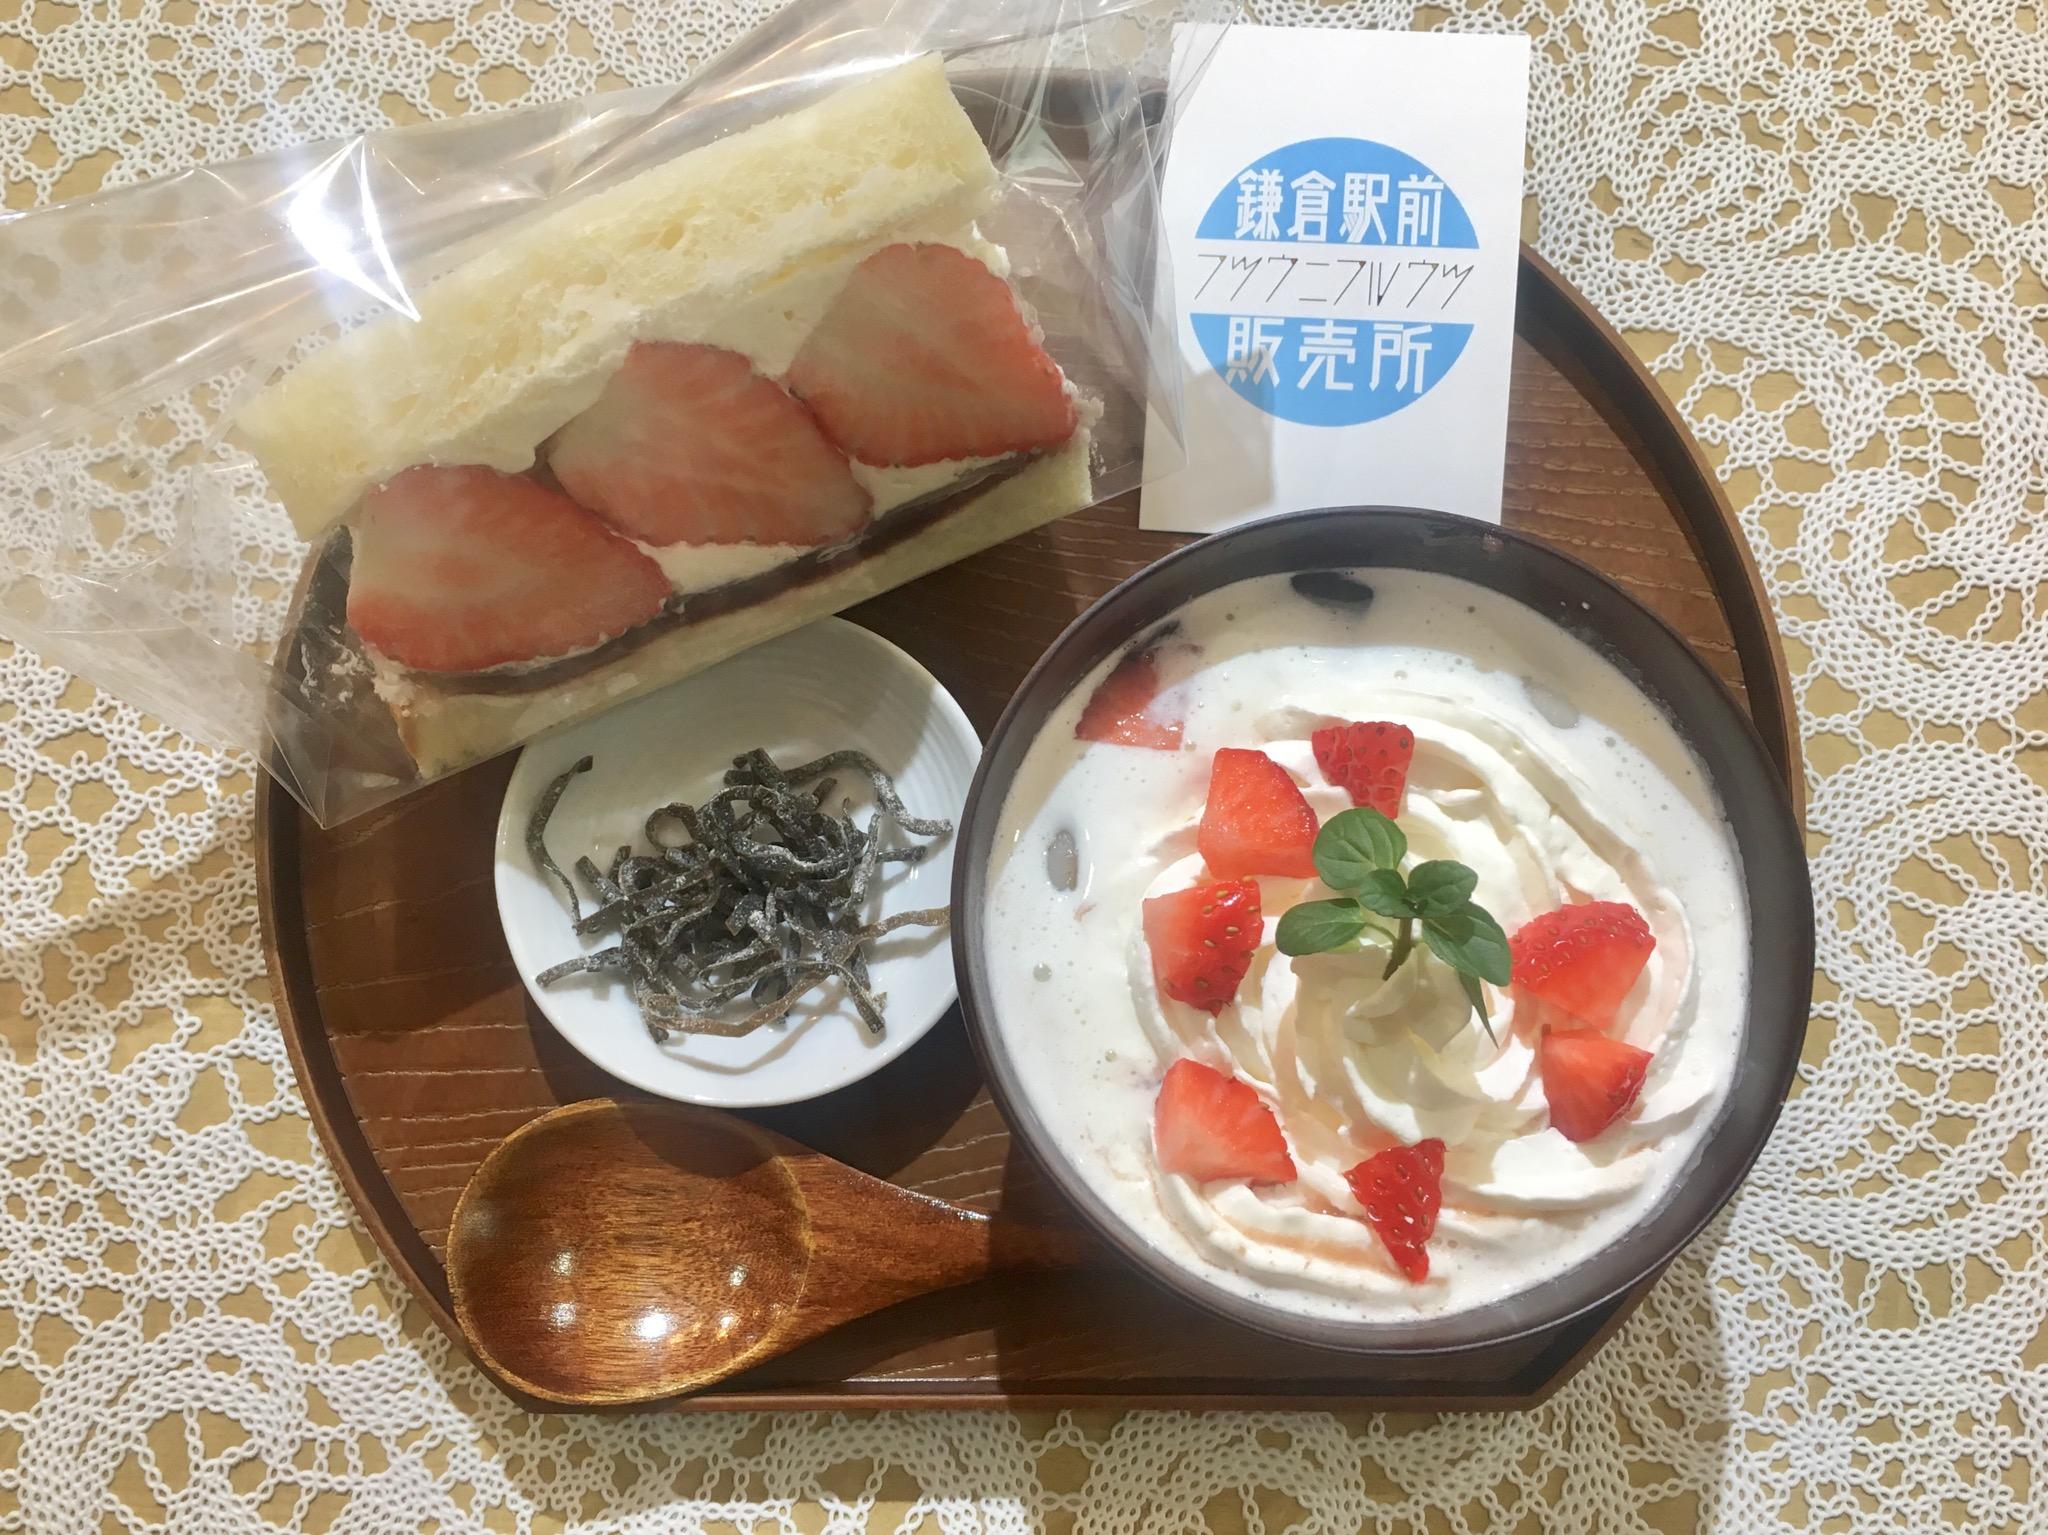 鎌倉 フツウニフルウツ お汁粉 いちご